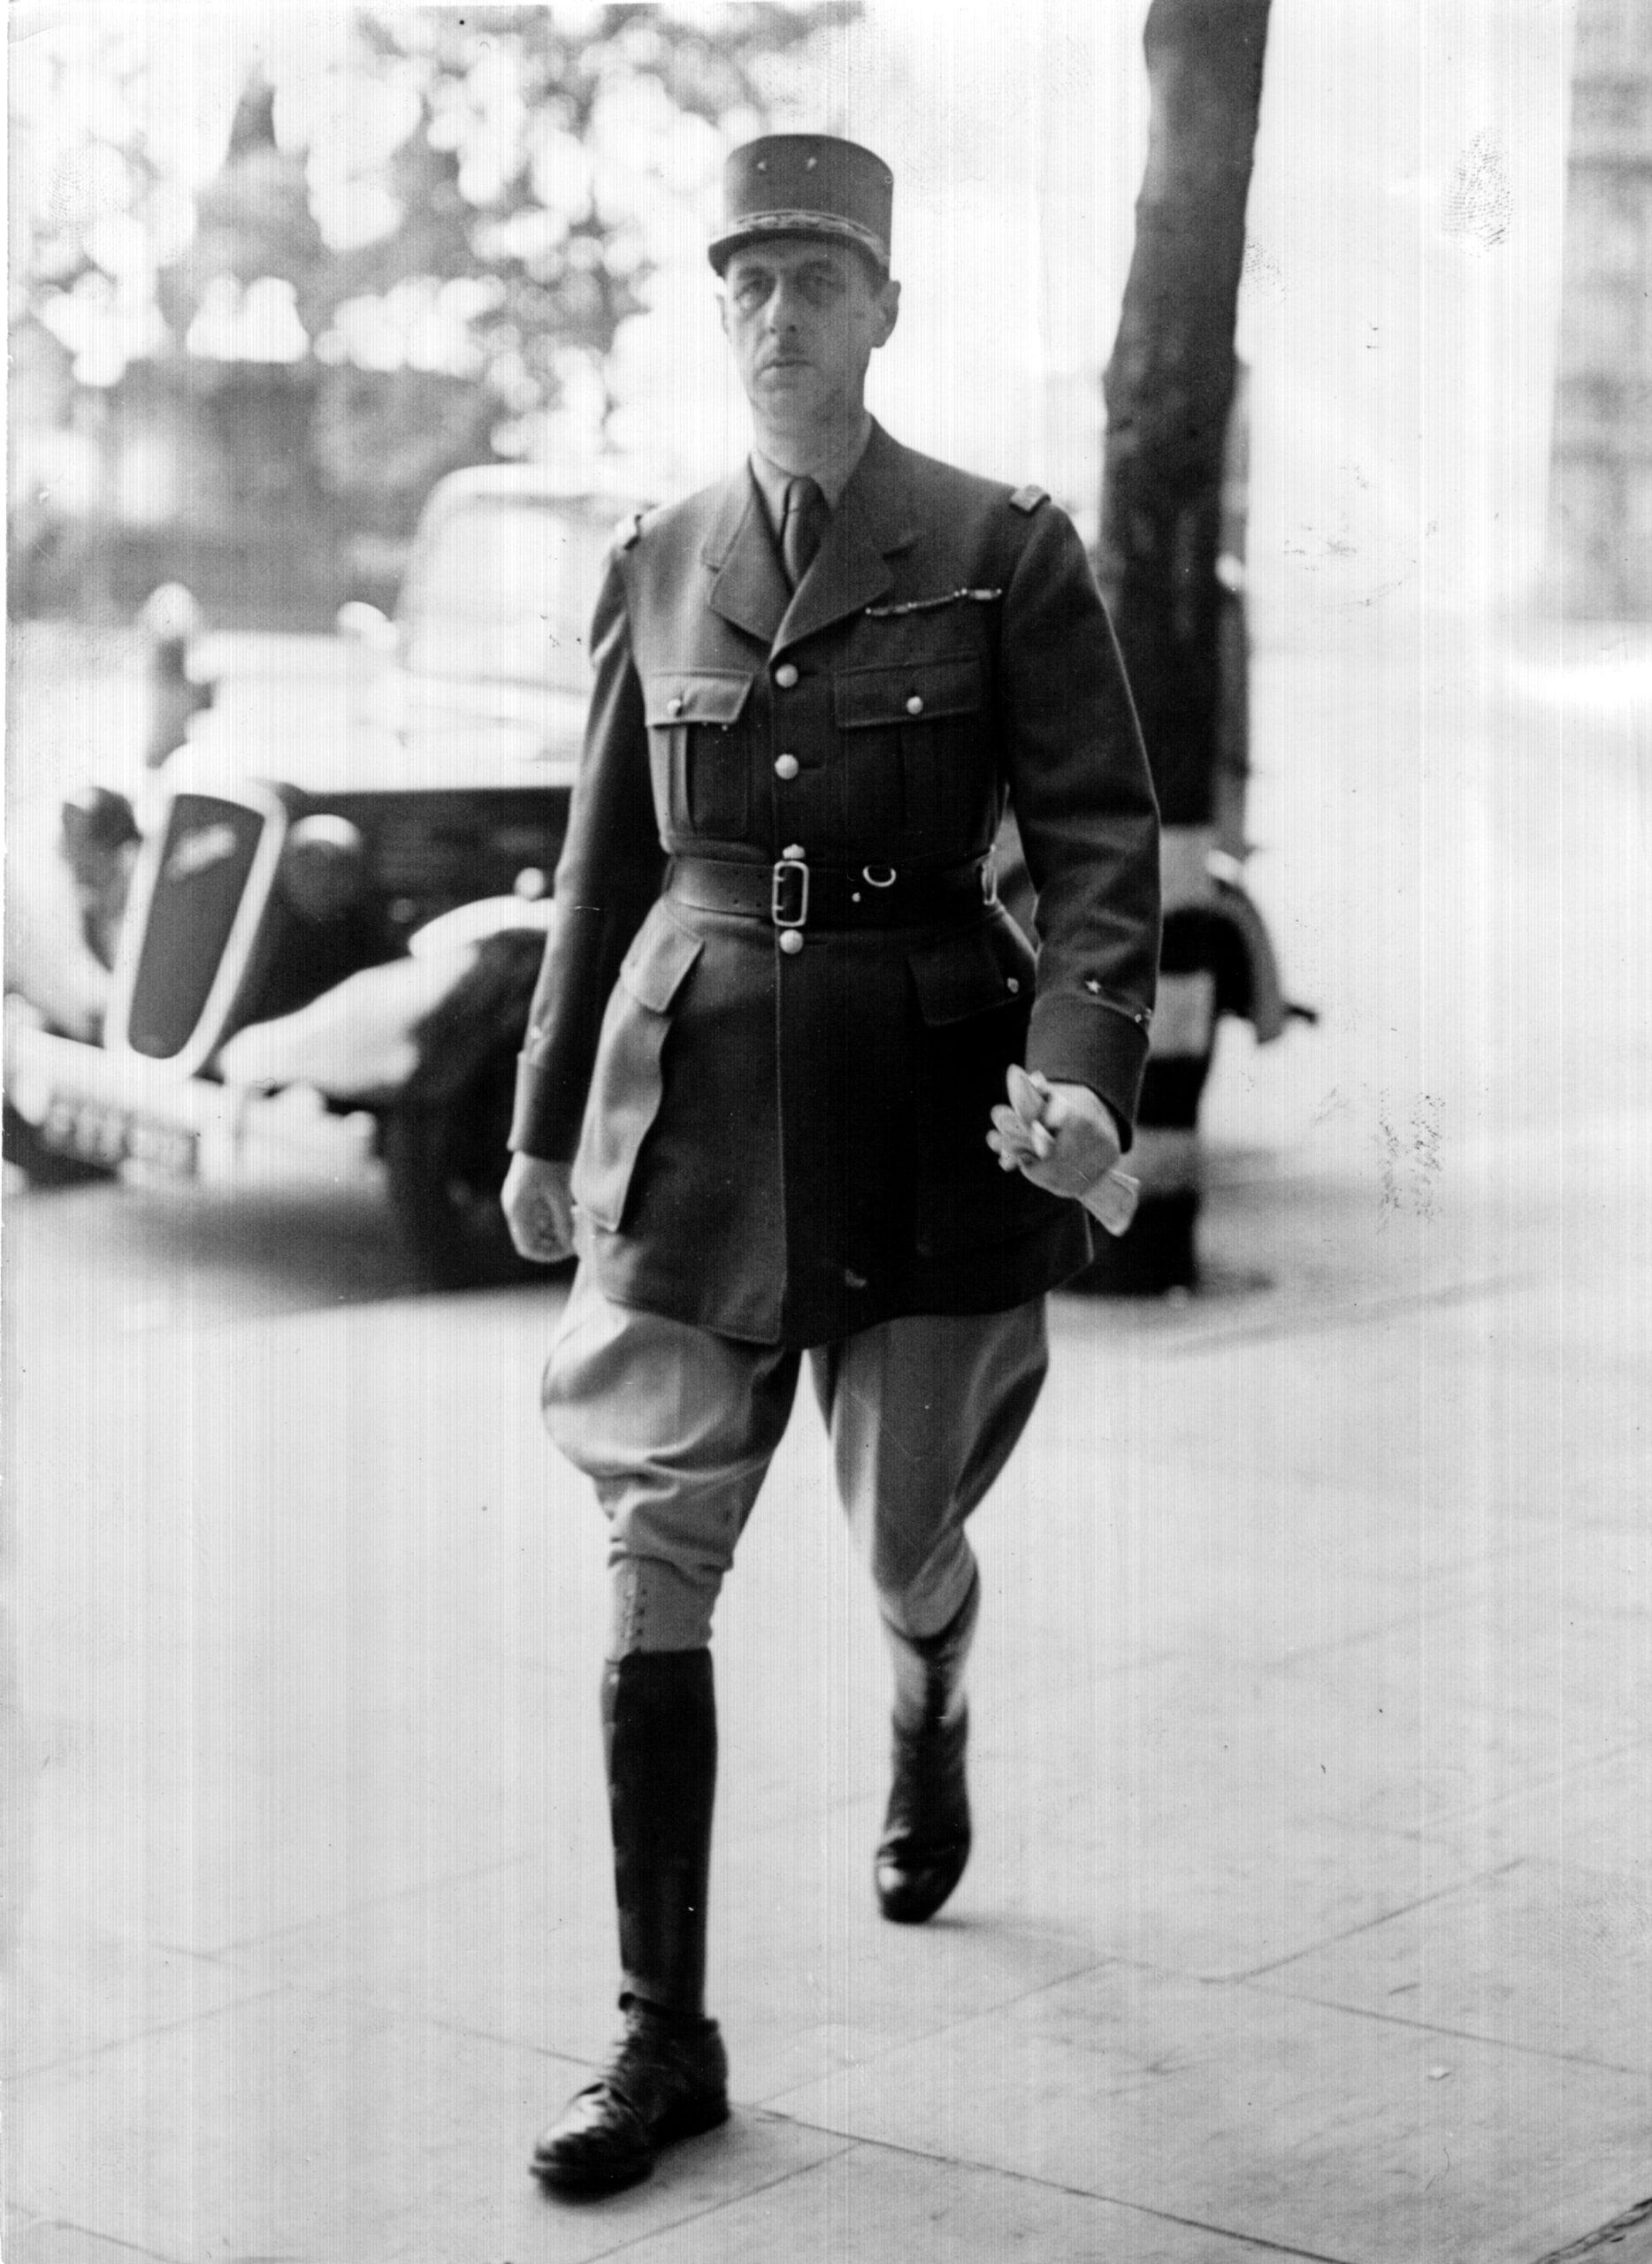 Les différentes adresses où le général de Gaulle s'est rendu à Bordeaux, dans la nuit du 16 au 17 juin 1940